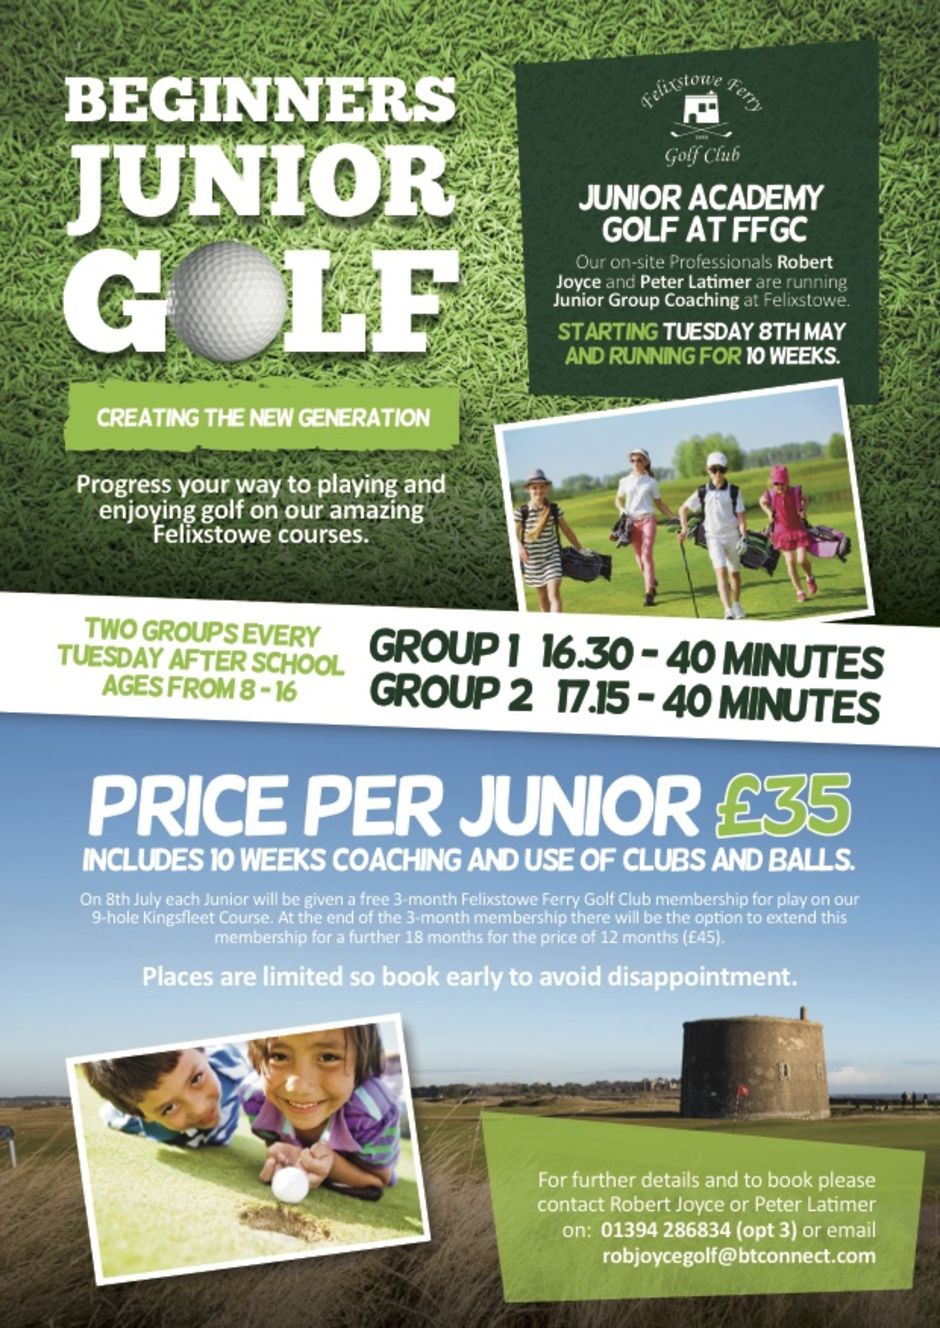 Golf in Ipswich